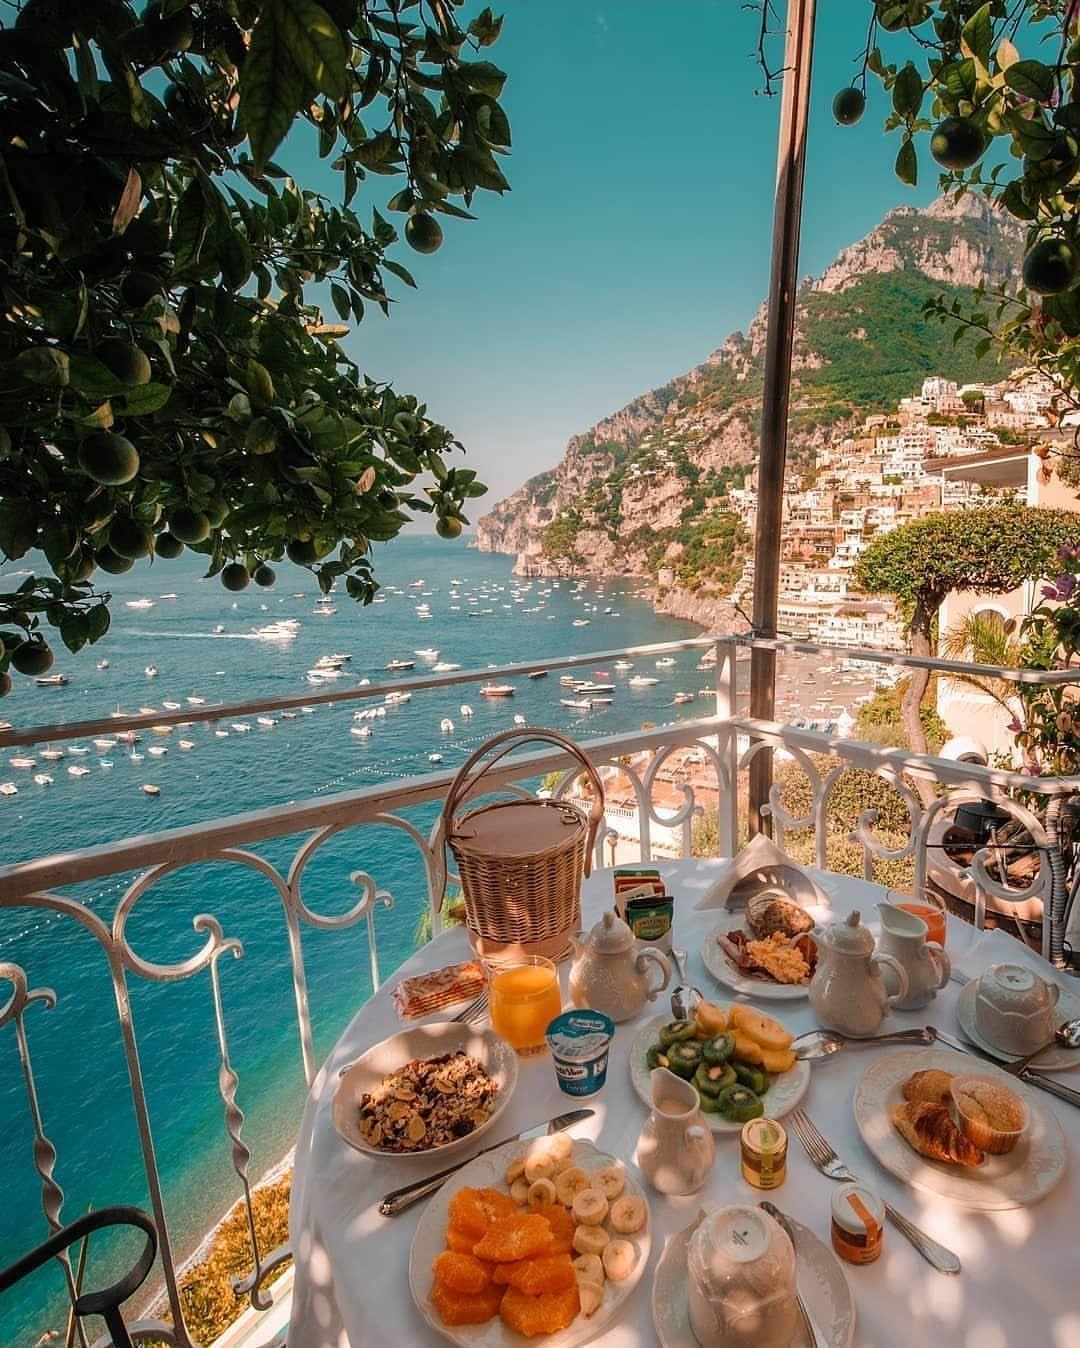 470 En Iyi Great Places Görüntüsü | Seyahat, Manzara Ve ... encequiconcerne Piscine Plus Le Cres